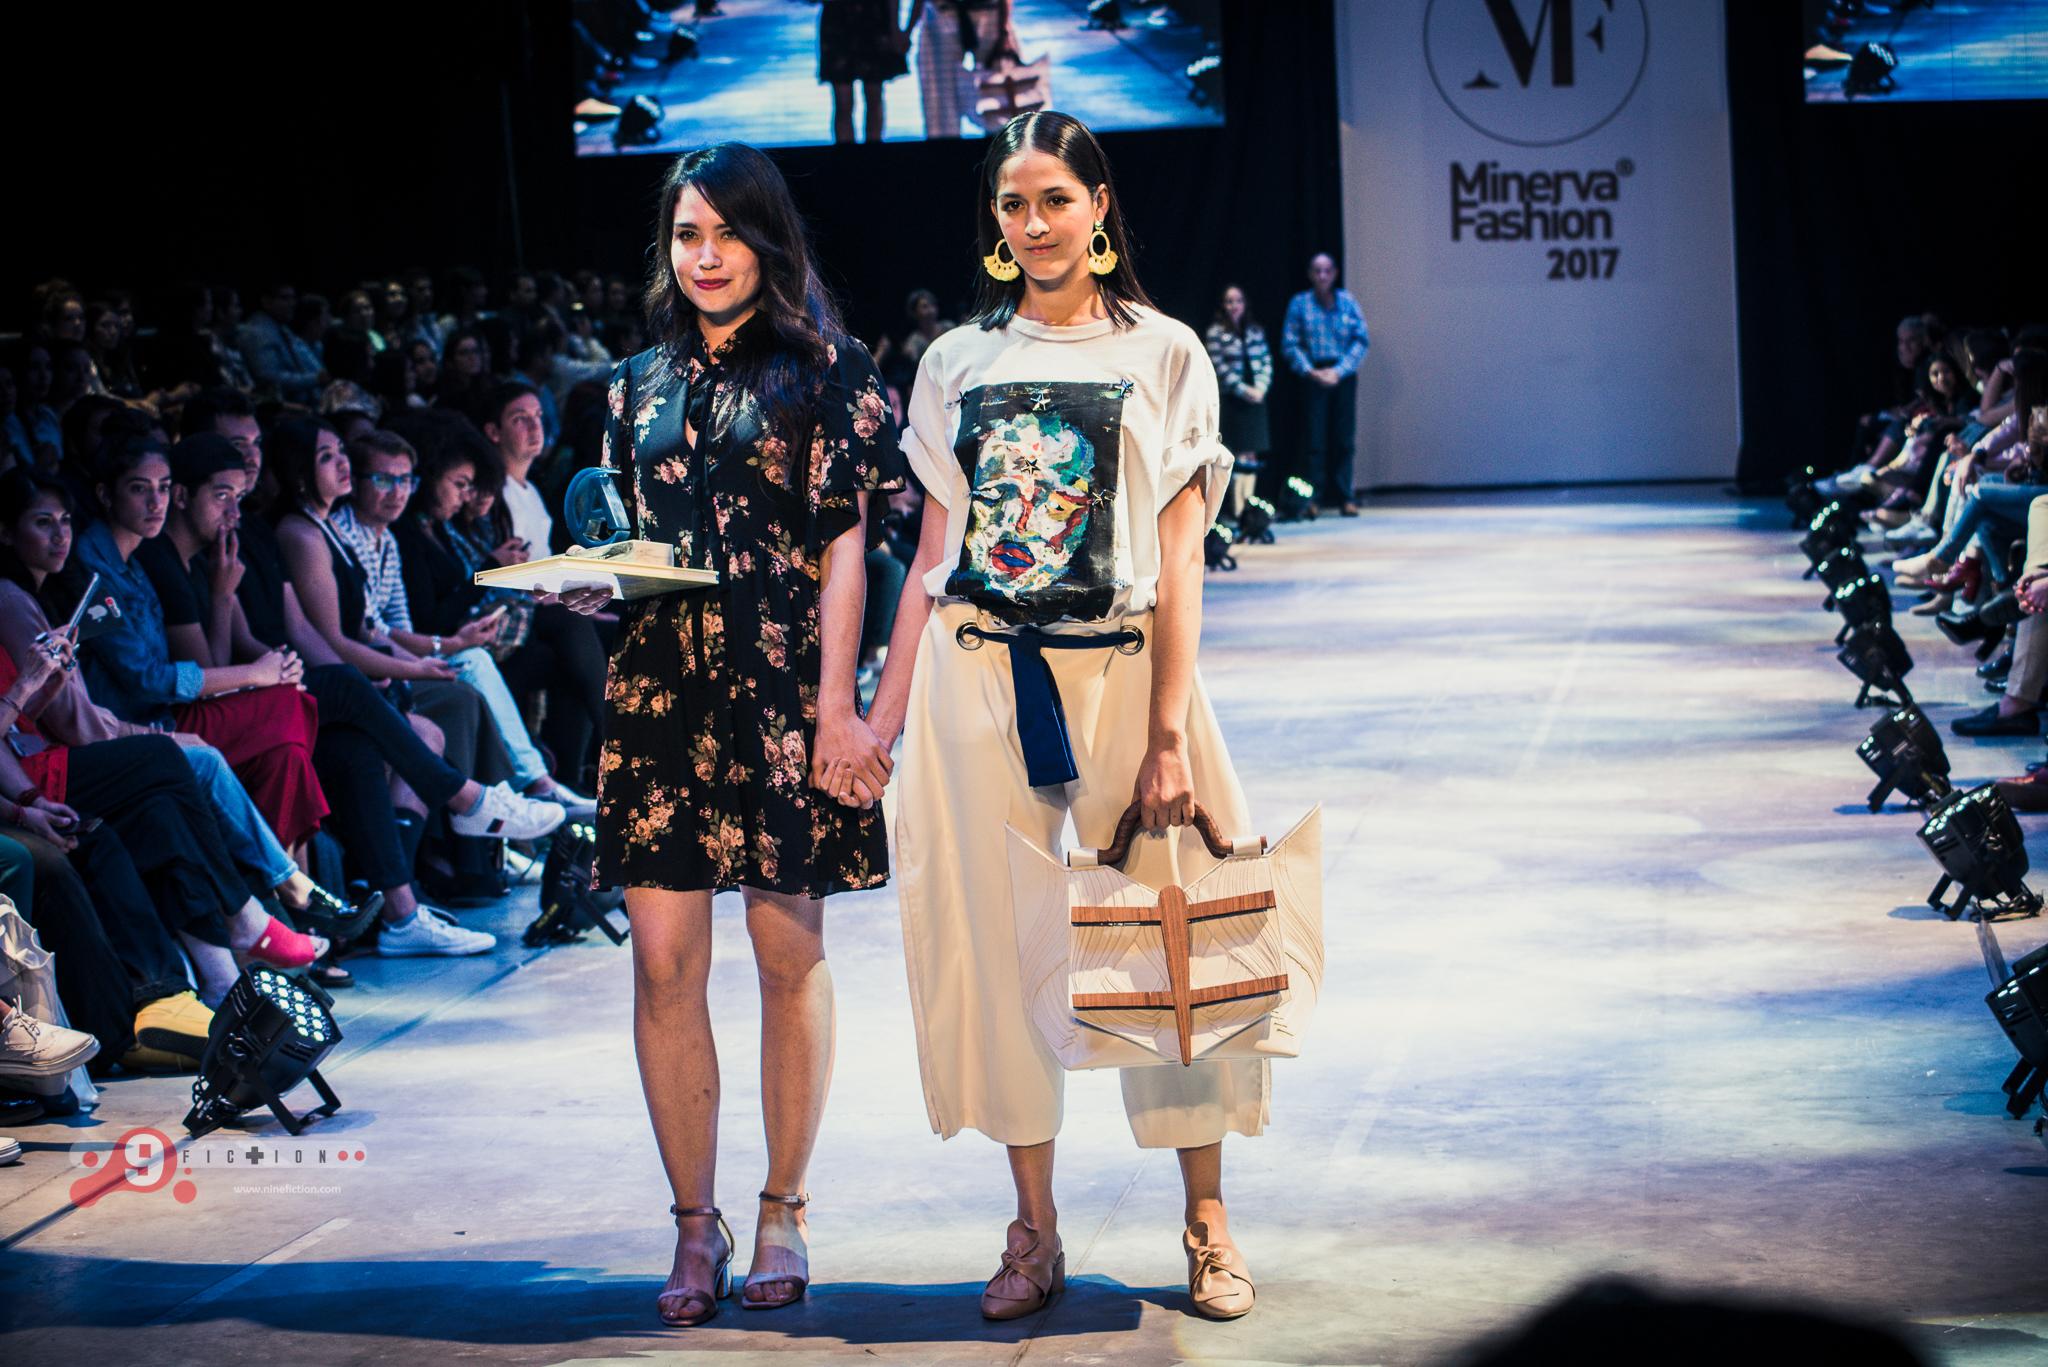 Minerva Fashion 2017 - Desfilia - 031017 - Nine Fiction - Foto - Carlos Rojo -14